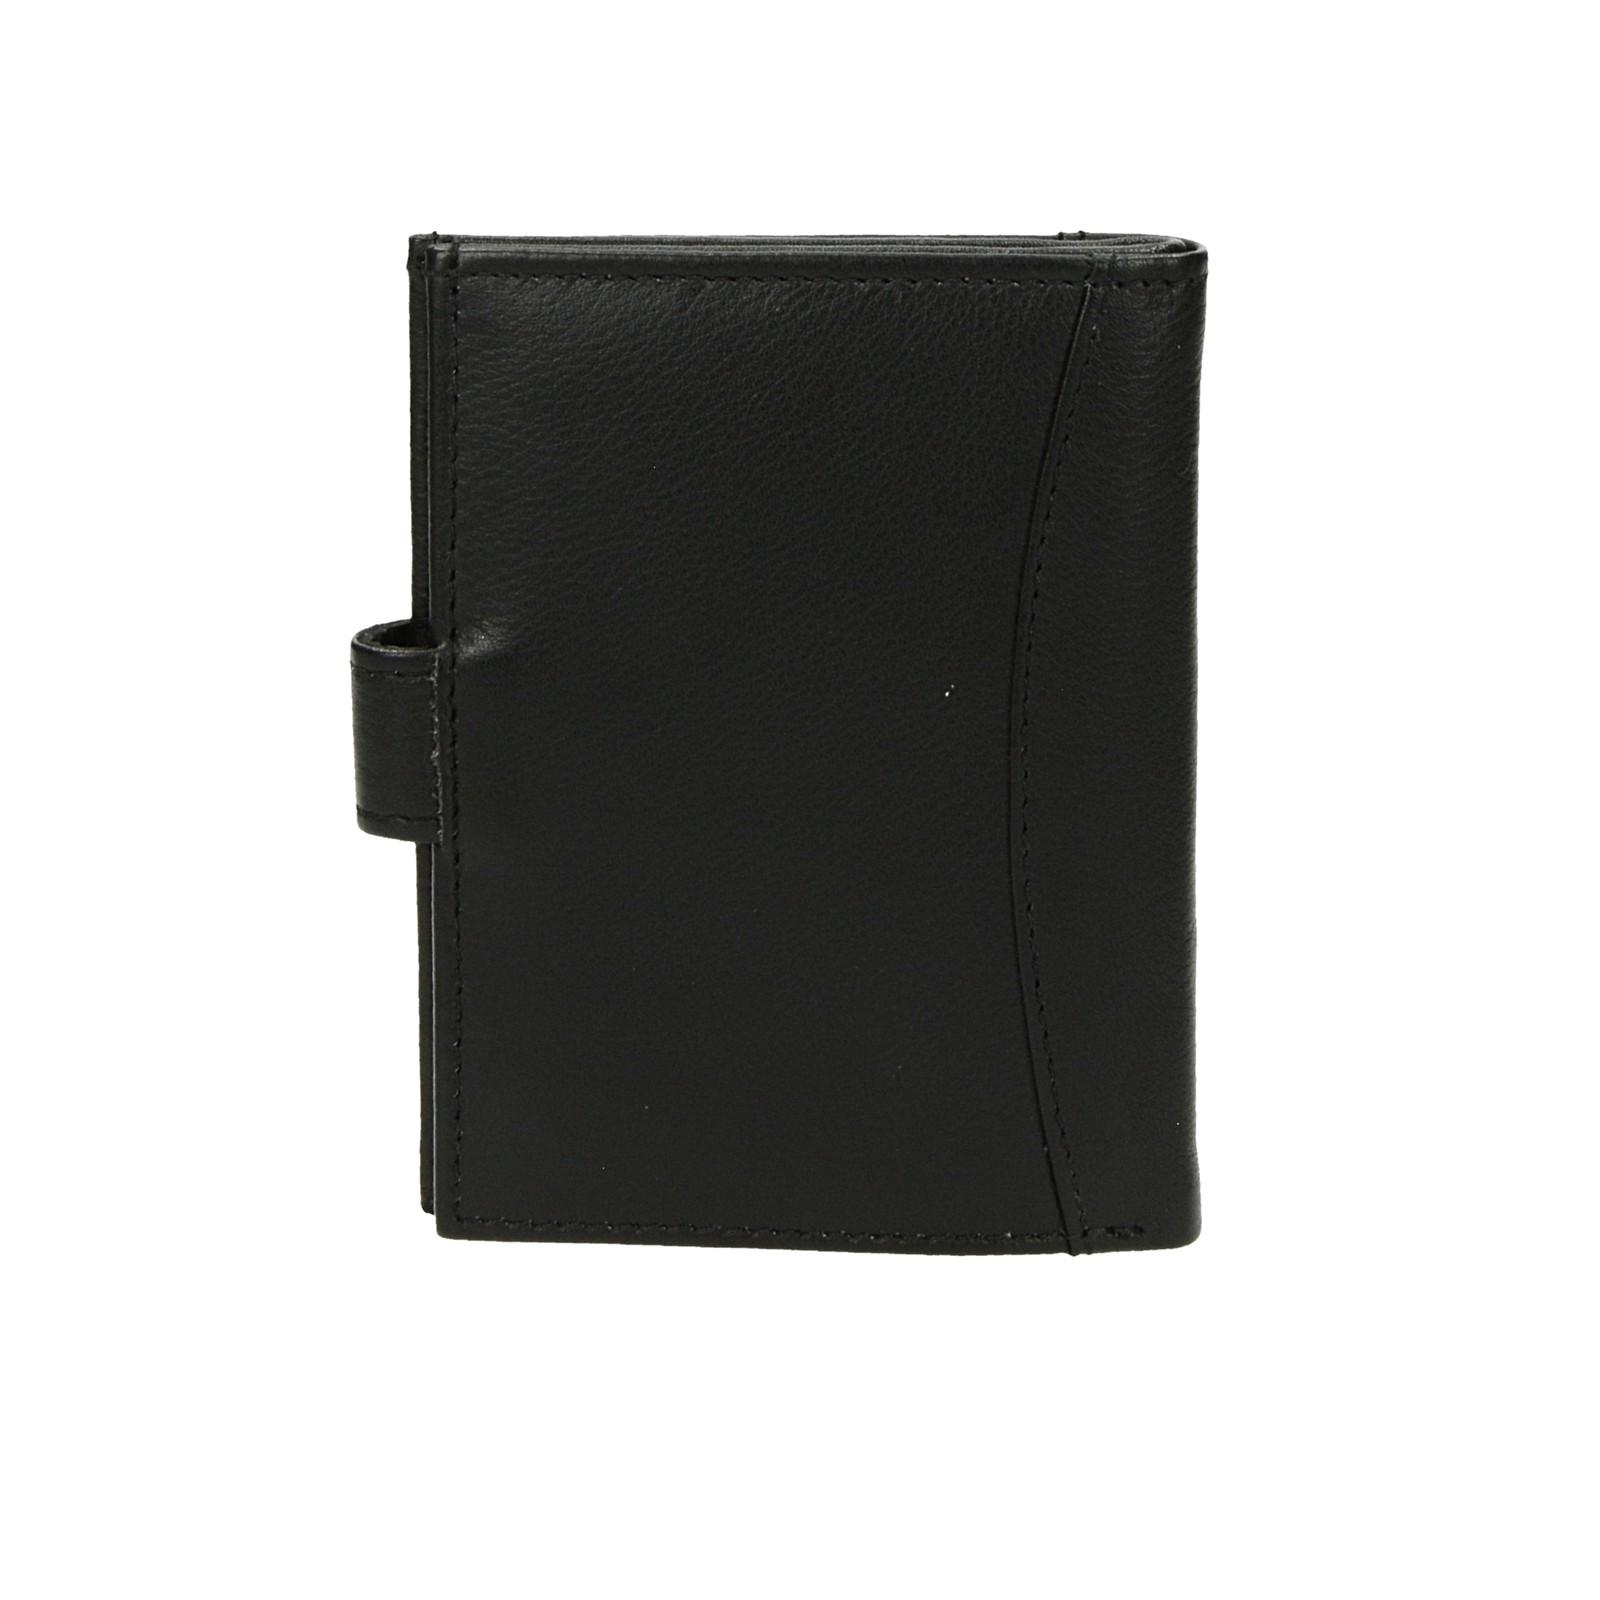 Mercucio pánska kožená dokladovka - čierna